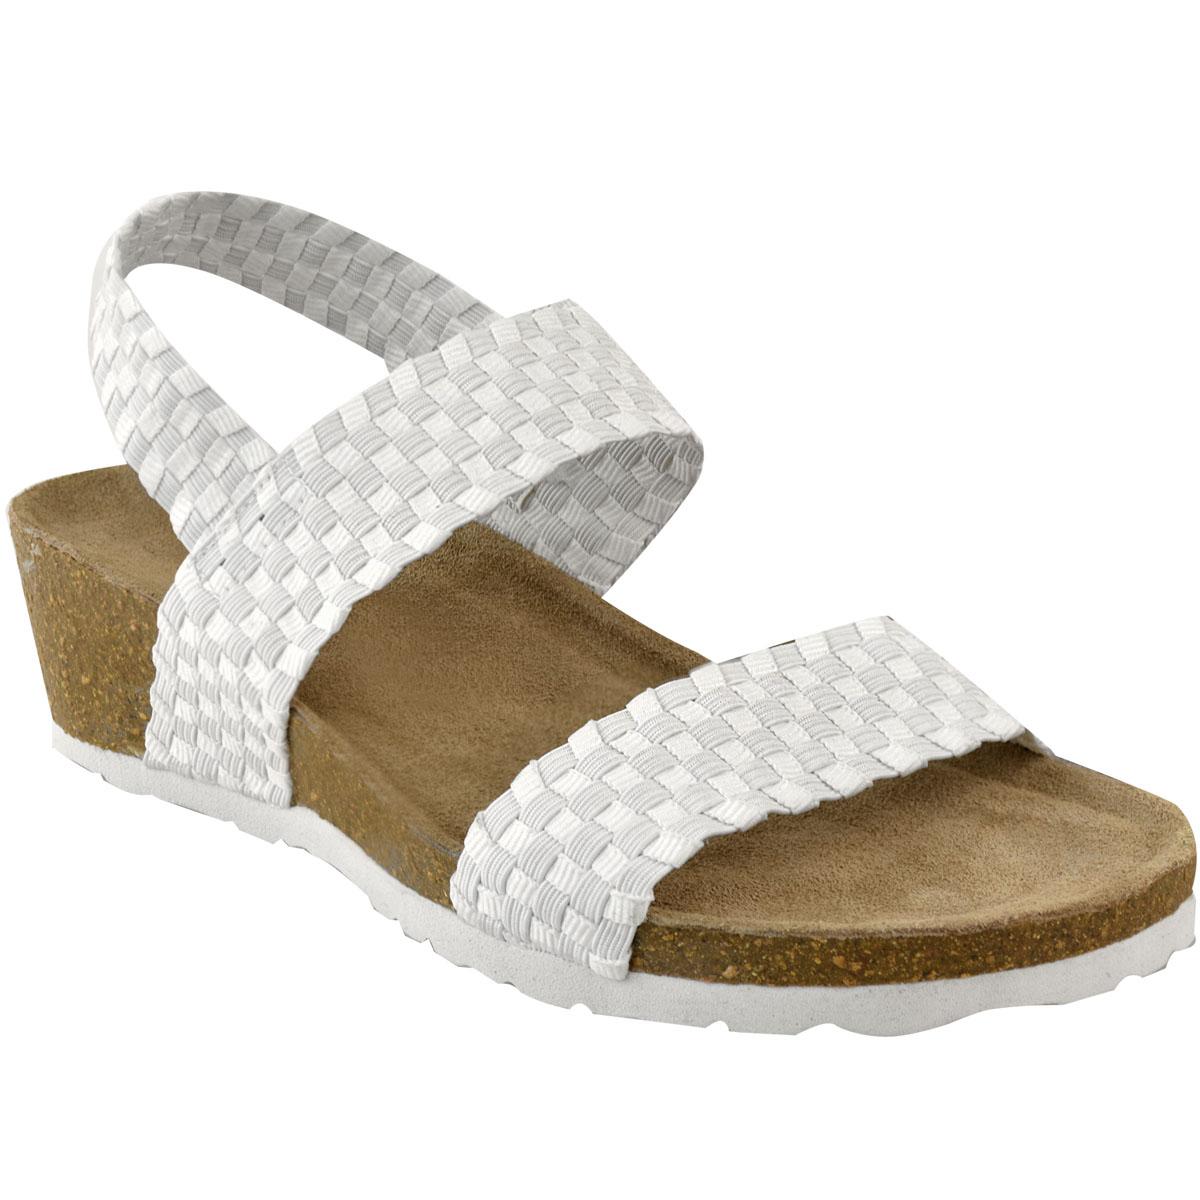 Womens Ladies Low Wedge Heel Sandals Wide Fit Elastic ...